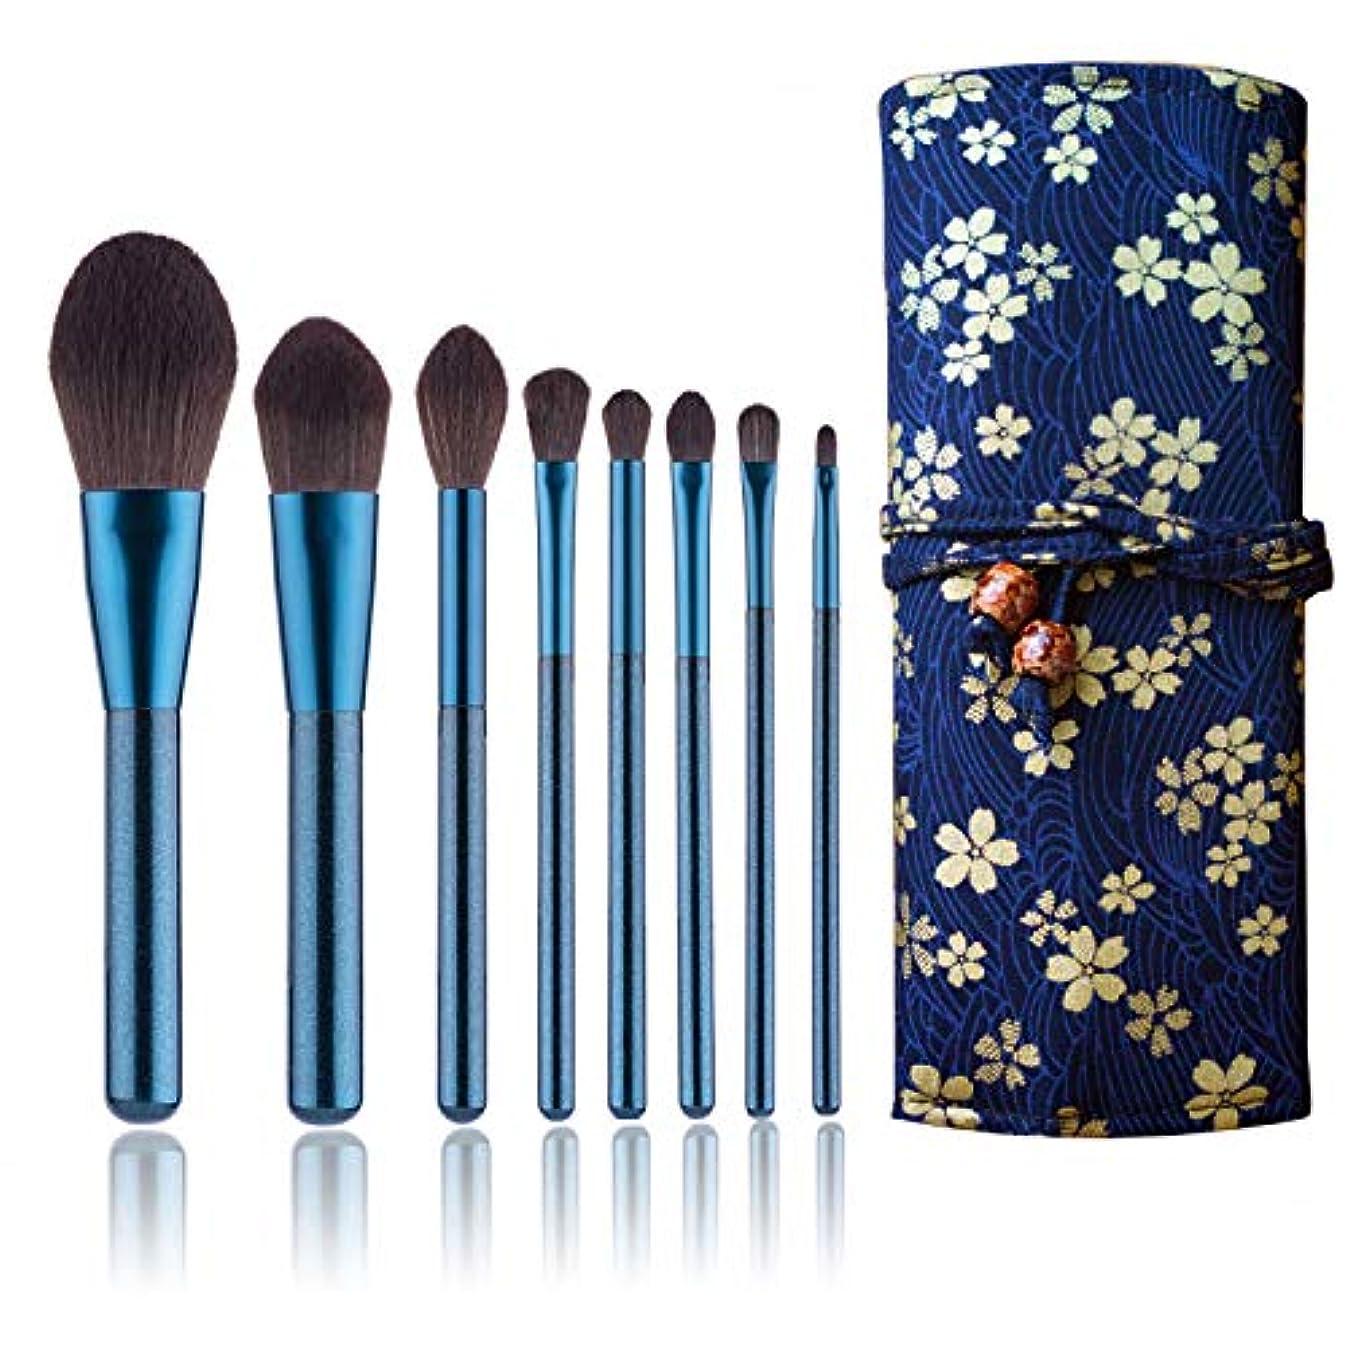 受益者カブ言語学ZOE·Y メイクブラシ 8本セット 化粧ブラシ 柔らかい 化粧筆 可愛い 化粧ポーチ付き 携帯便利 誕生日プレゼントゃギフトにもおすすめ makeup brushes